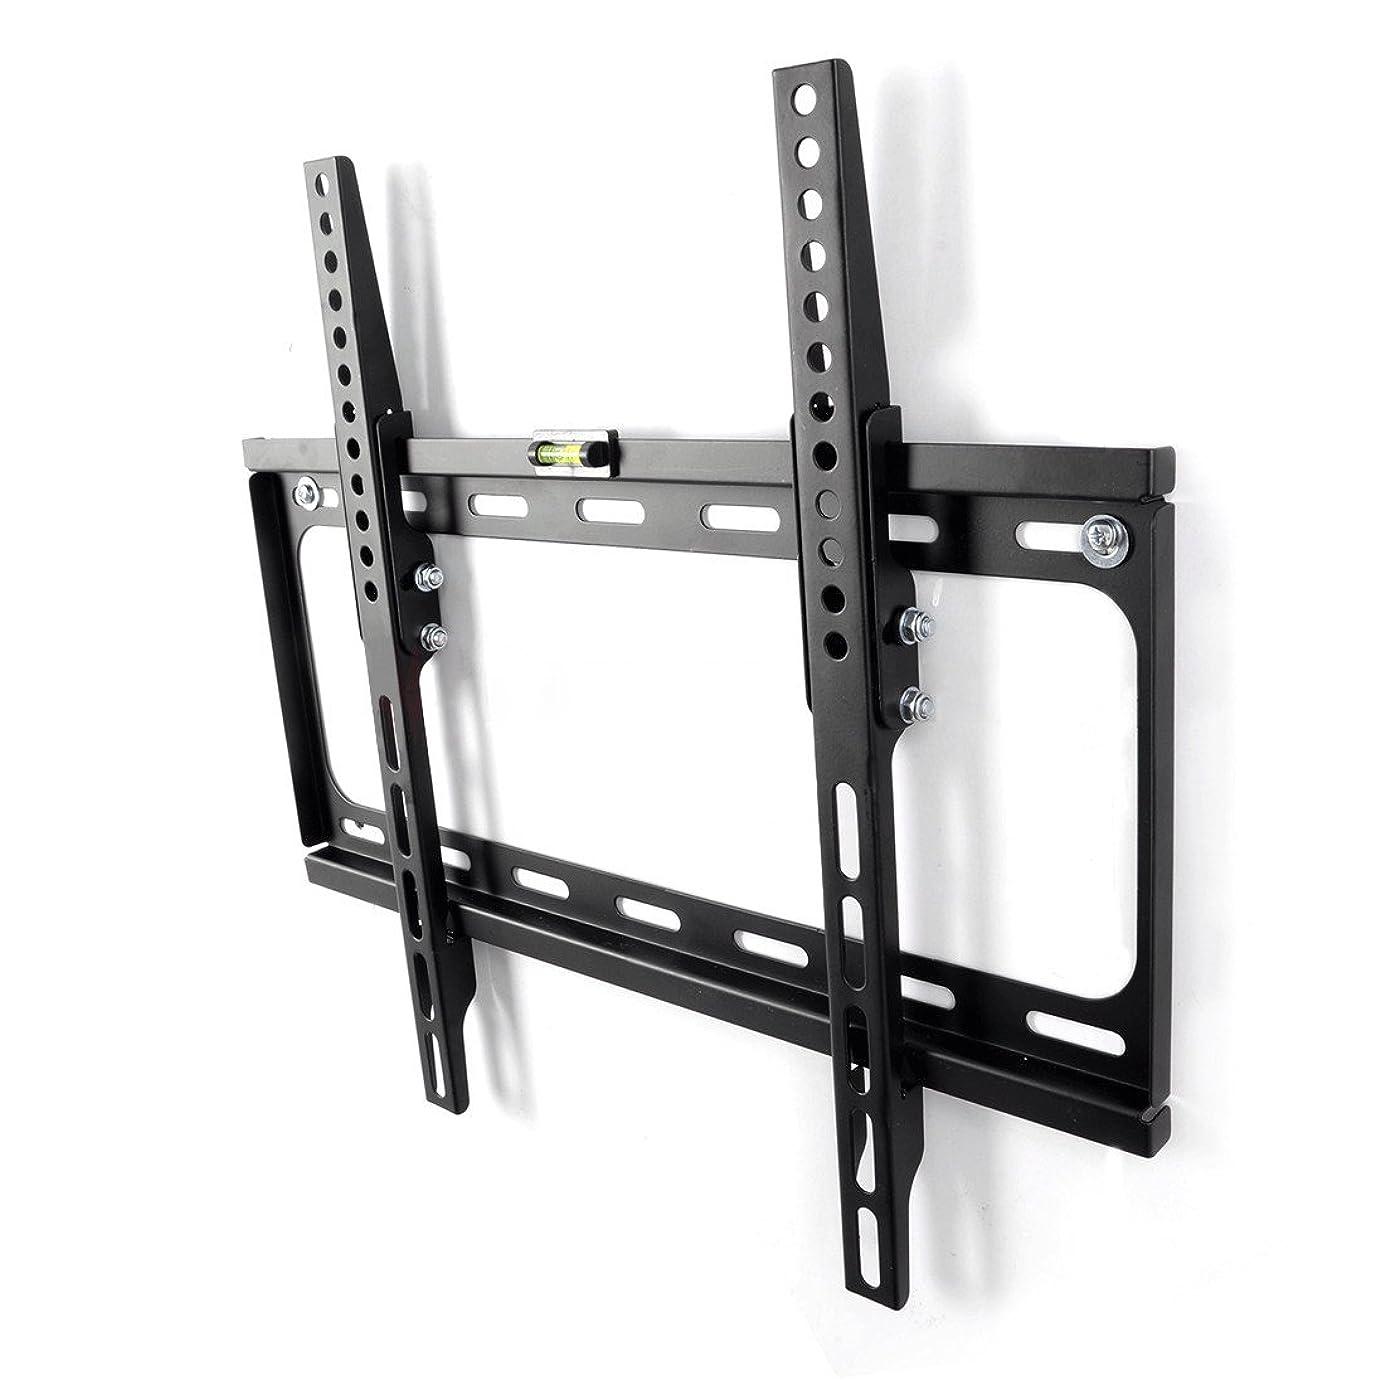 彼自身生きているジムFLEXIMOUNTS テレビ壁掛け金具 角度調節可能 26~55インチLED液晶テレビ推奨 耐荷重30KG 左右移動式 T012